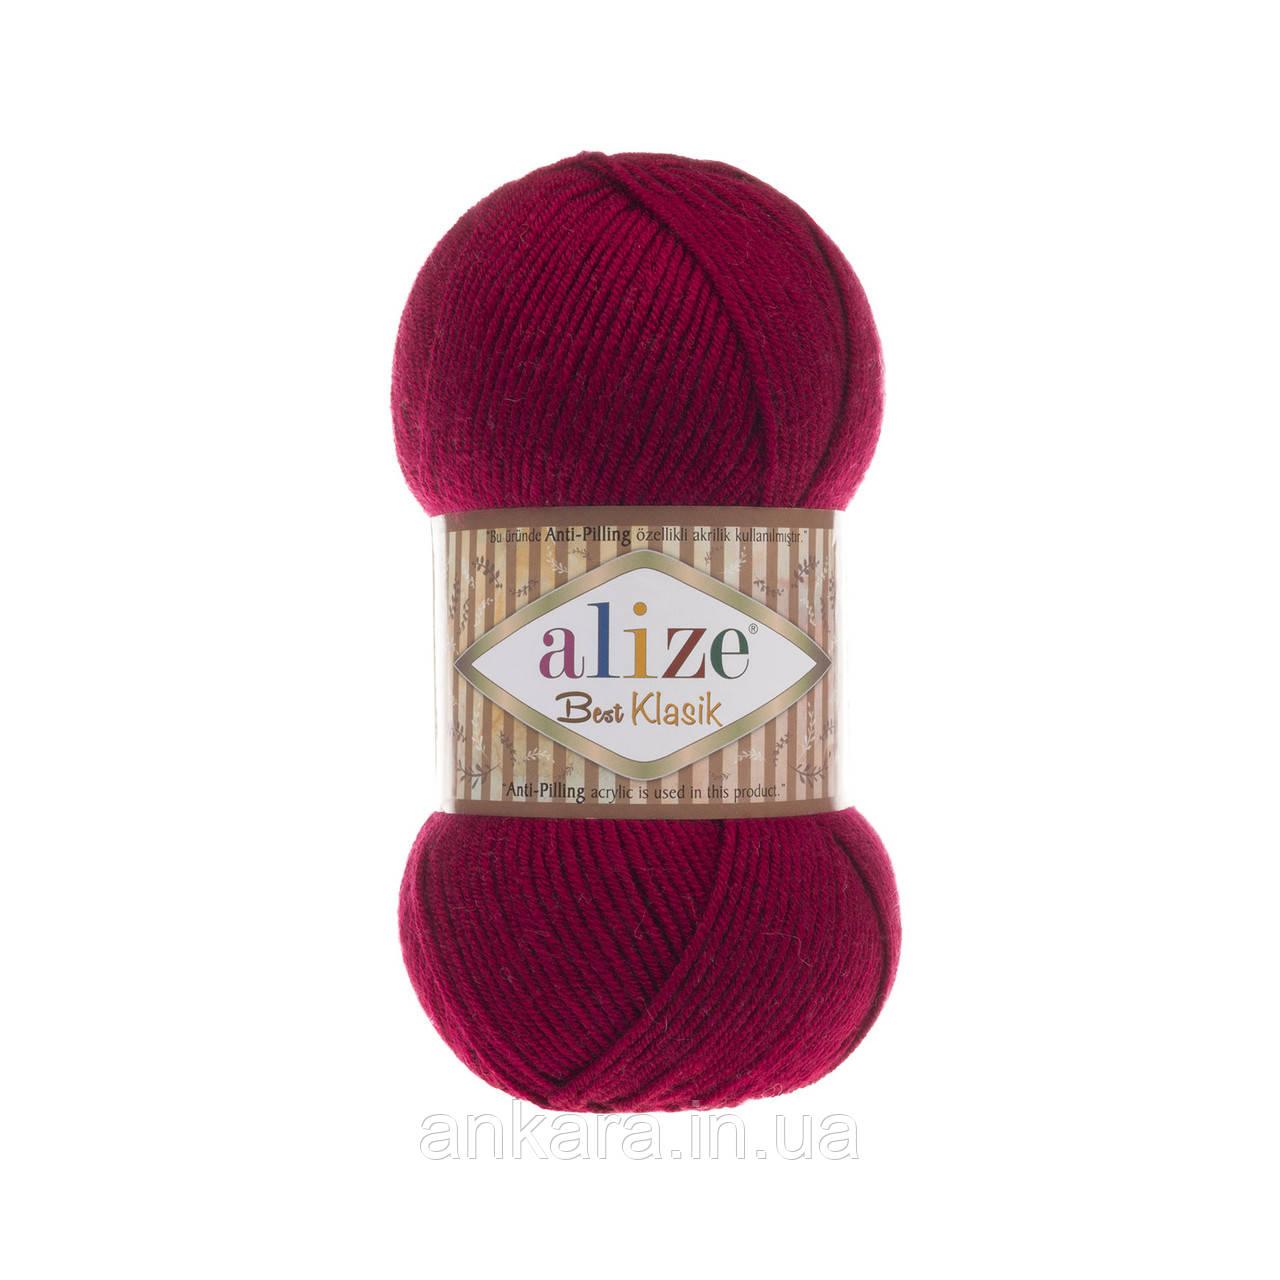 Alize Best Klasik 390